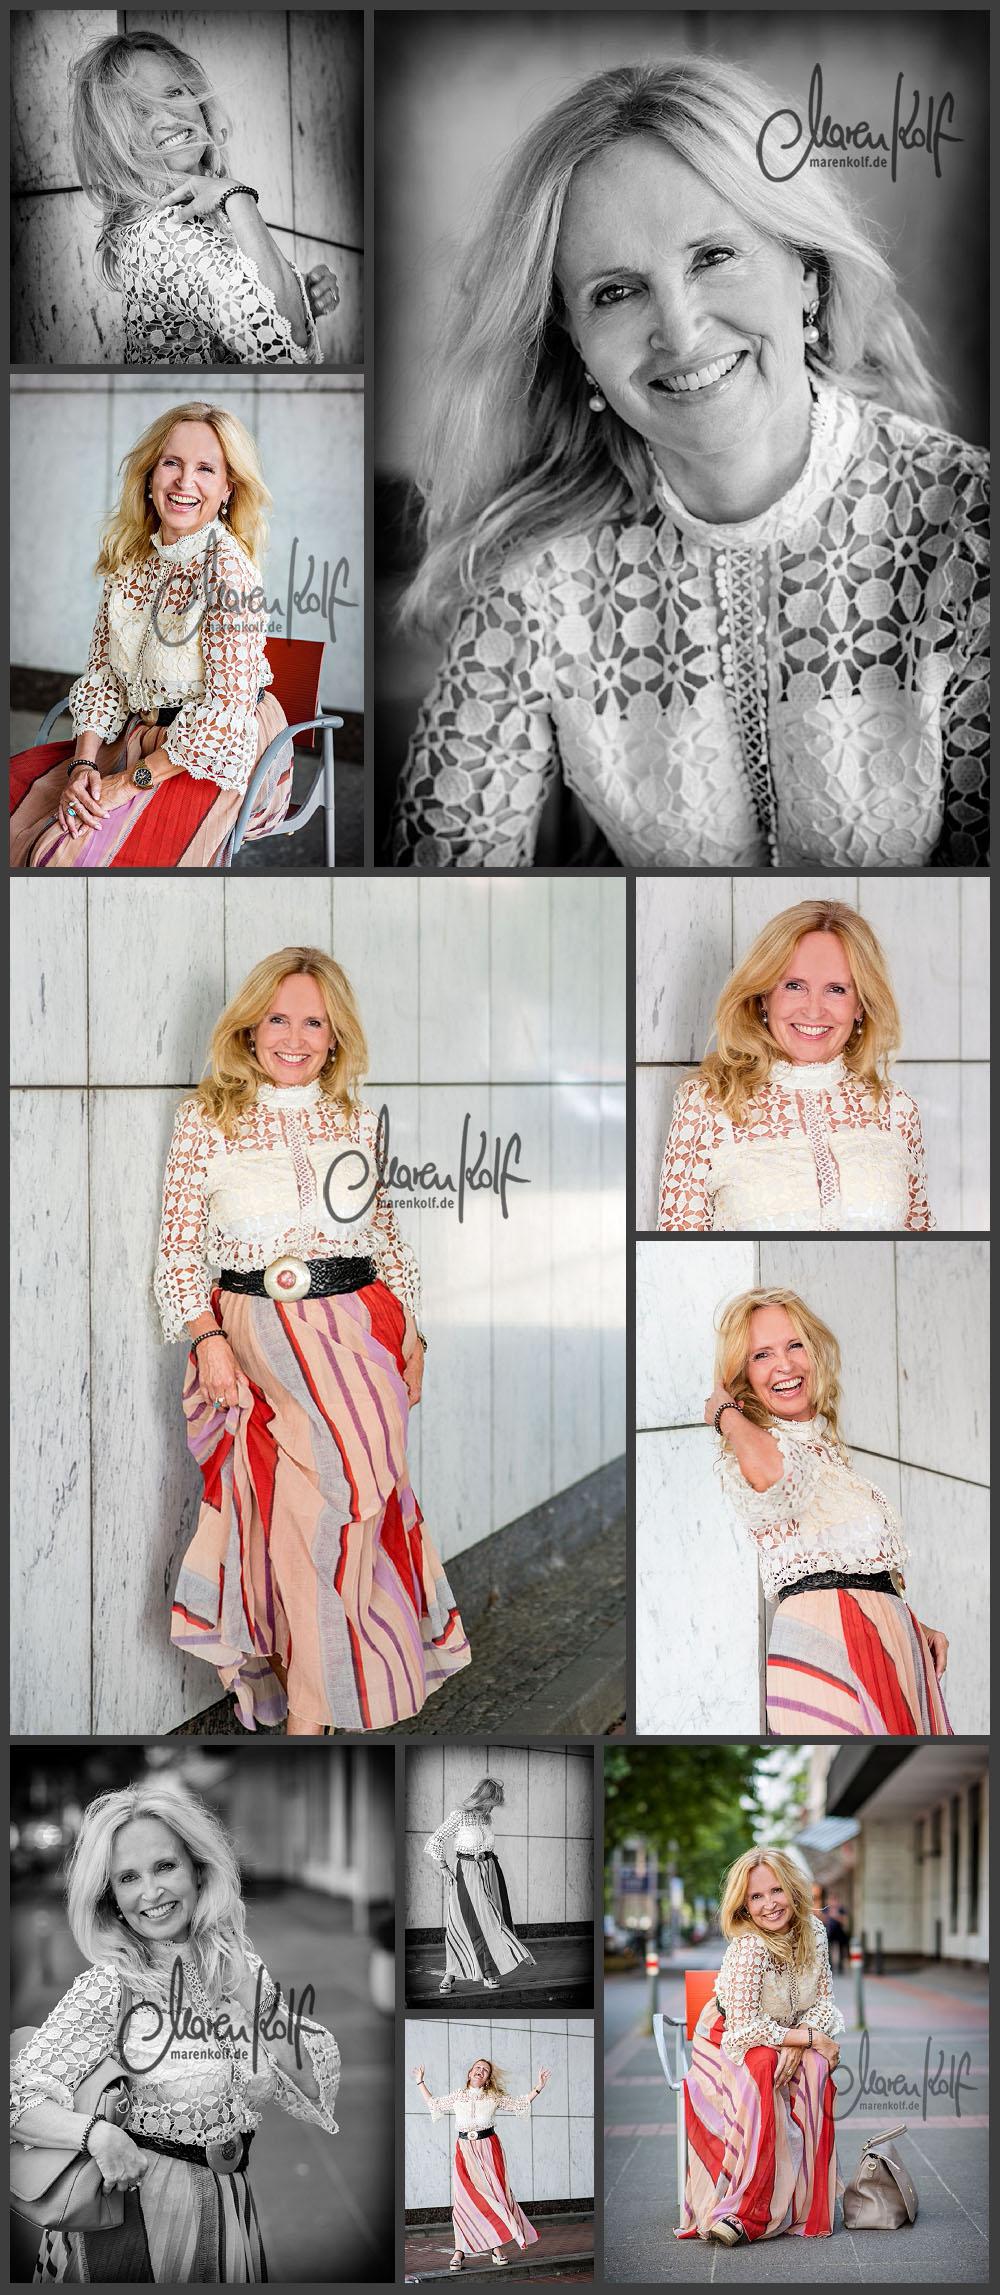 feminess-businesskongress-fotografie-hannover-dormero-hotel-scheig-martina-personalityportrait-maren-kolf